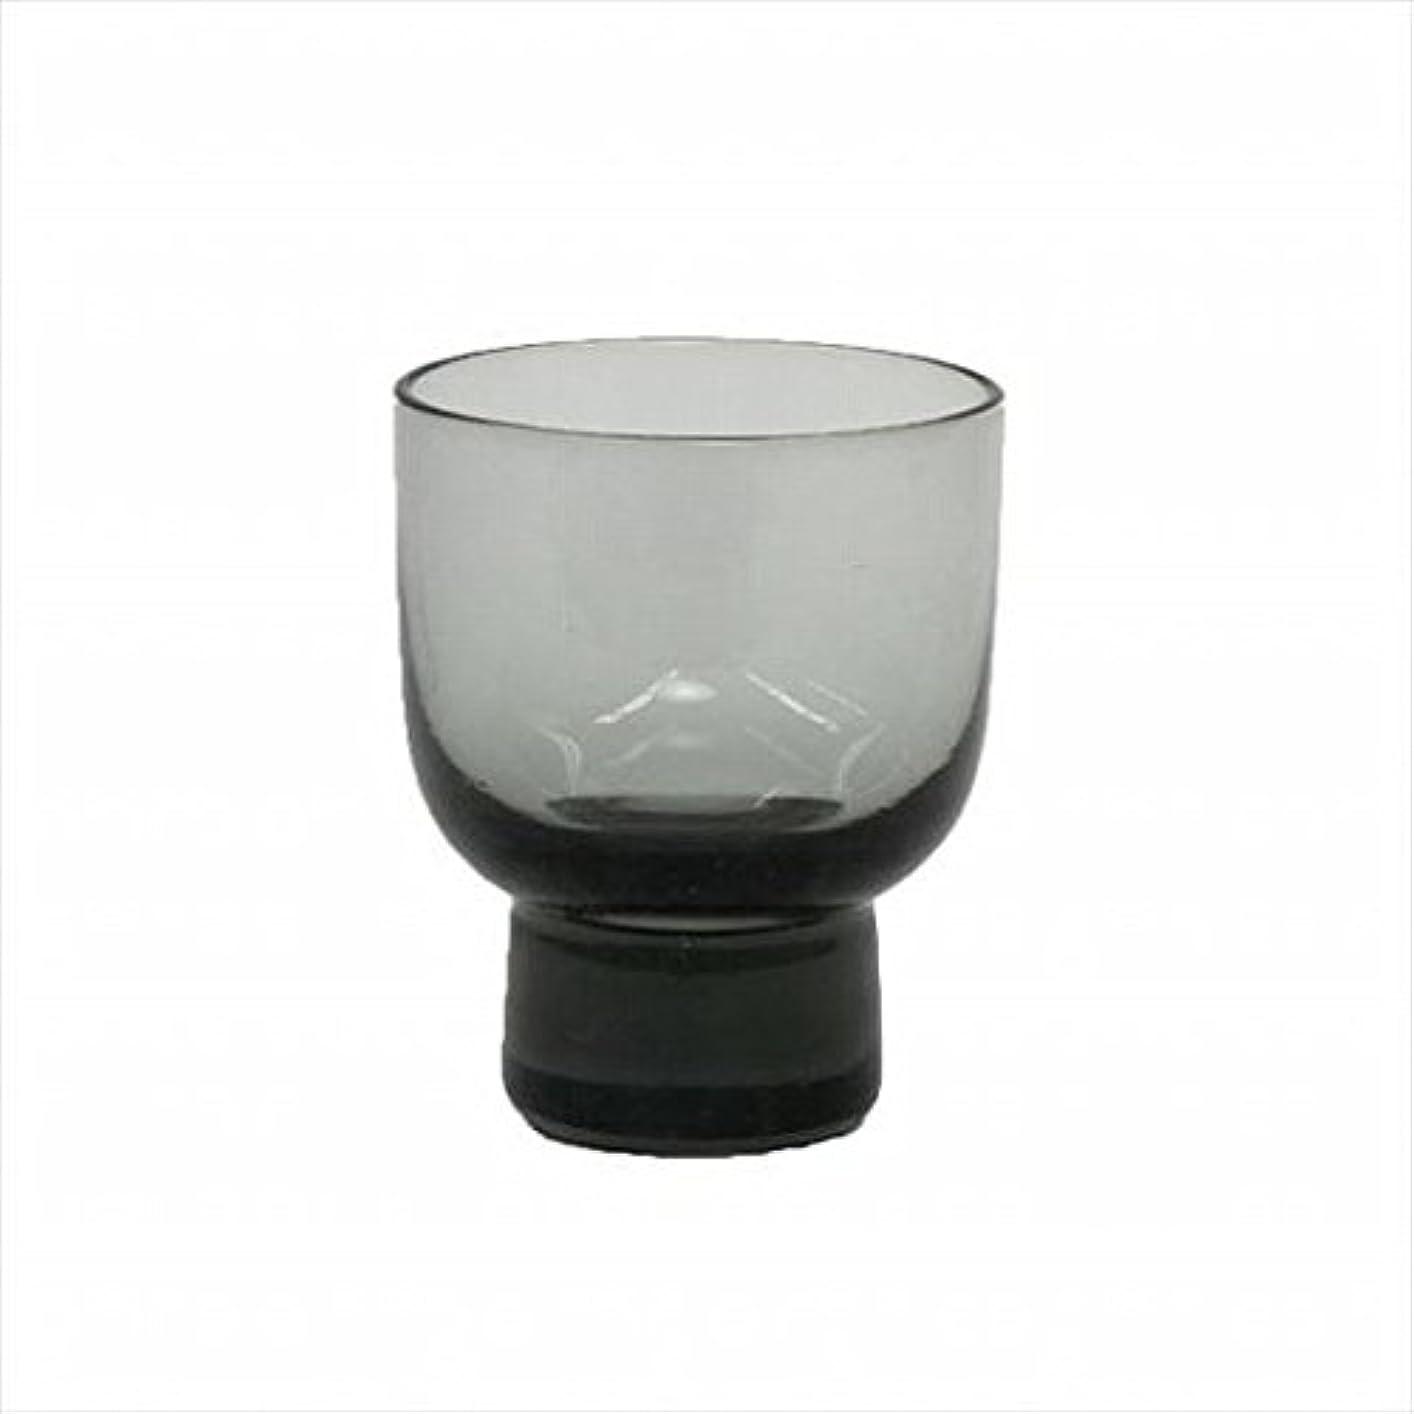 更新する印象レポートを書くkameyama candle(カメヤマキャンドル) ロキカップ 「 スモーク 」 キャンドル 58x58x70mm (I8236100SM)